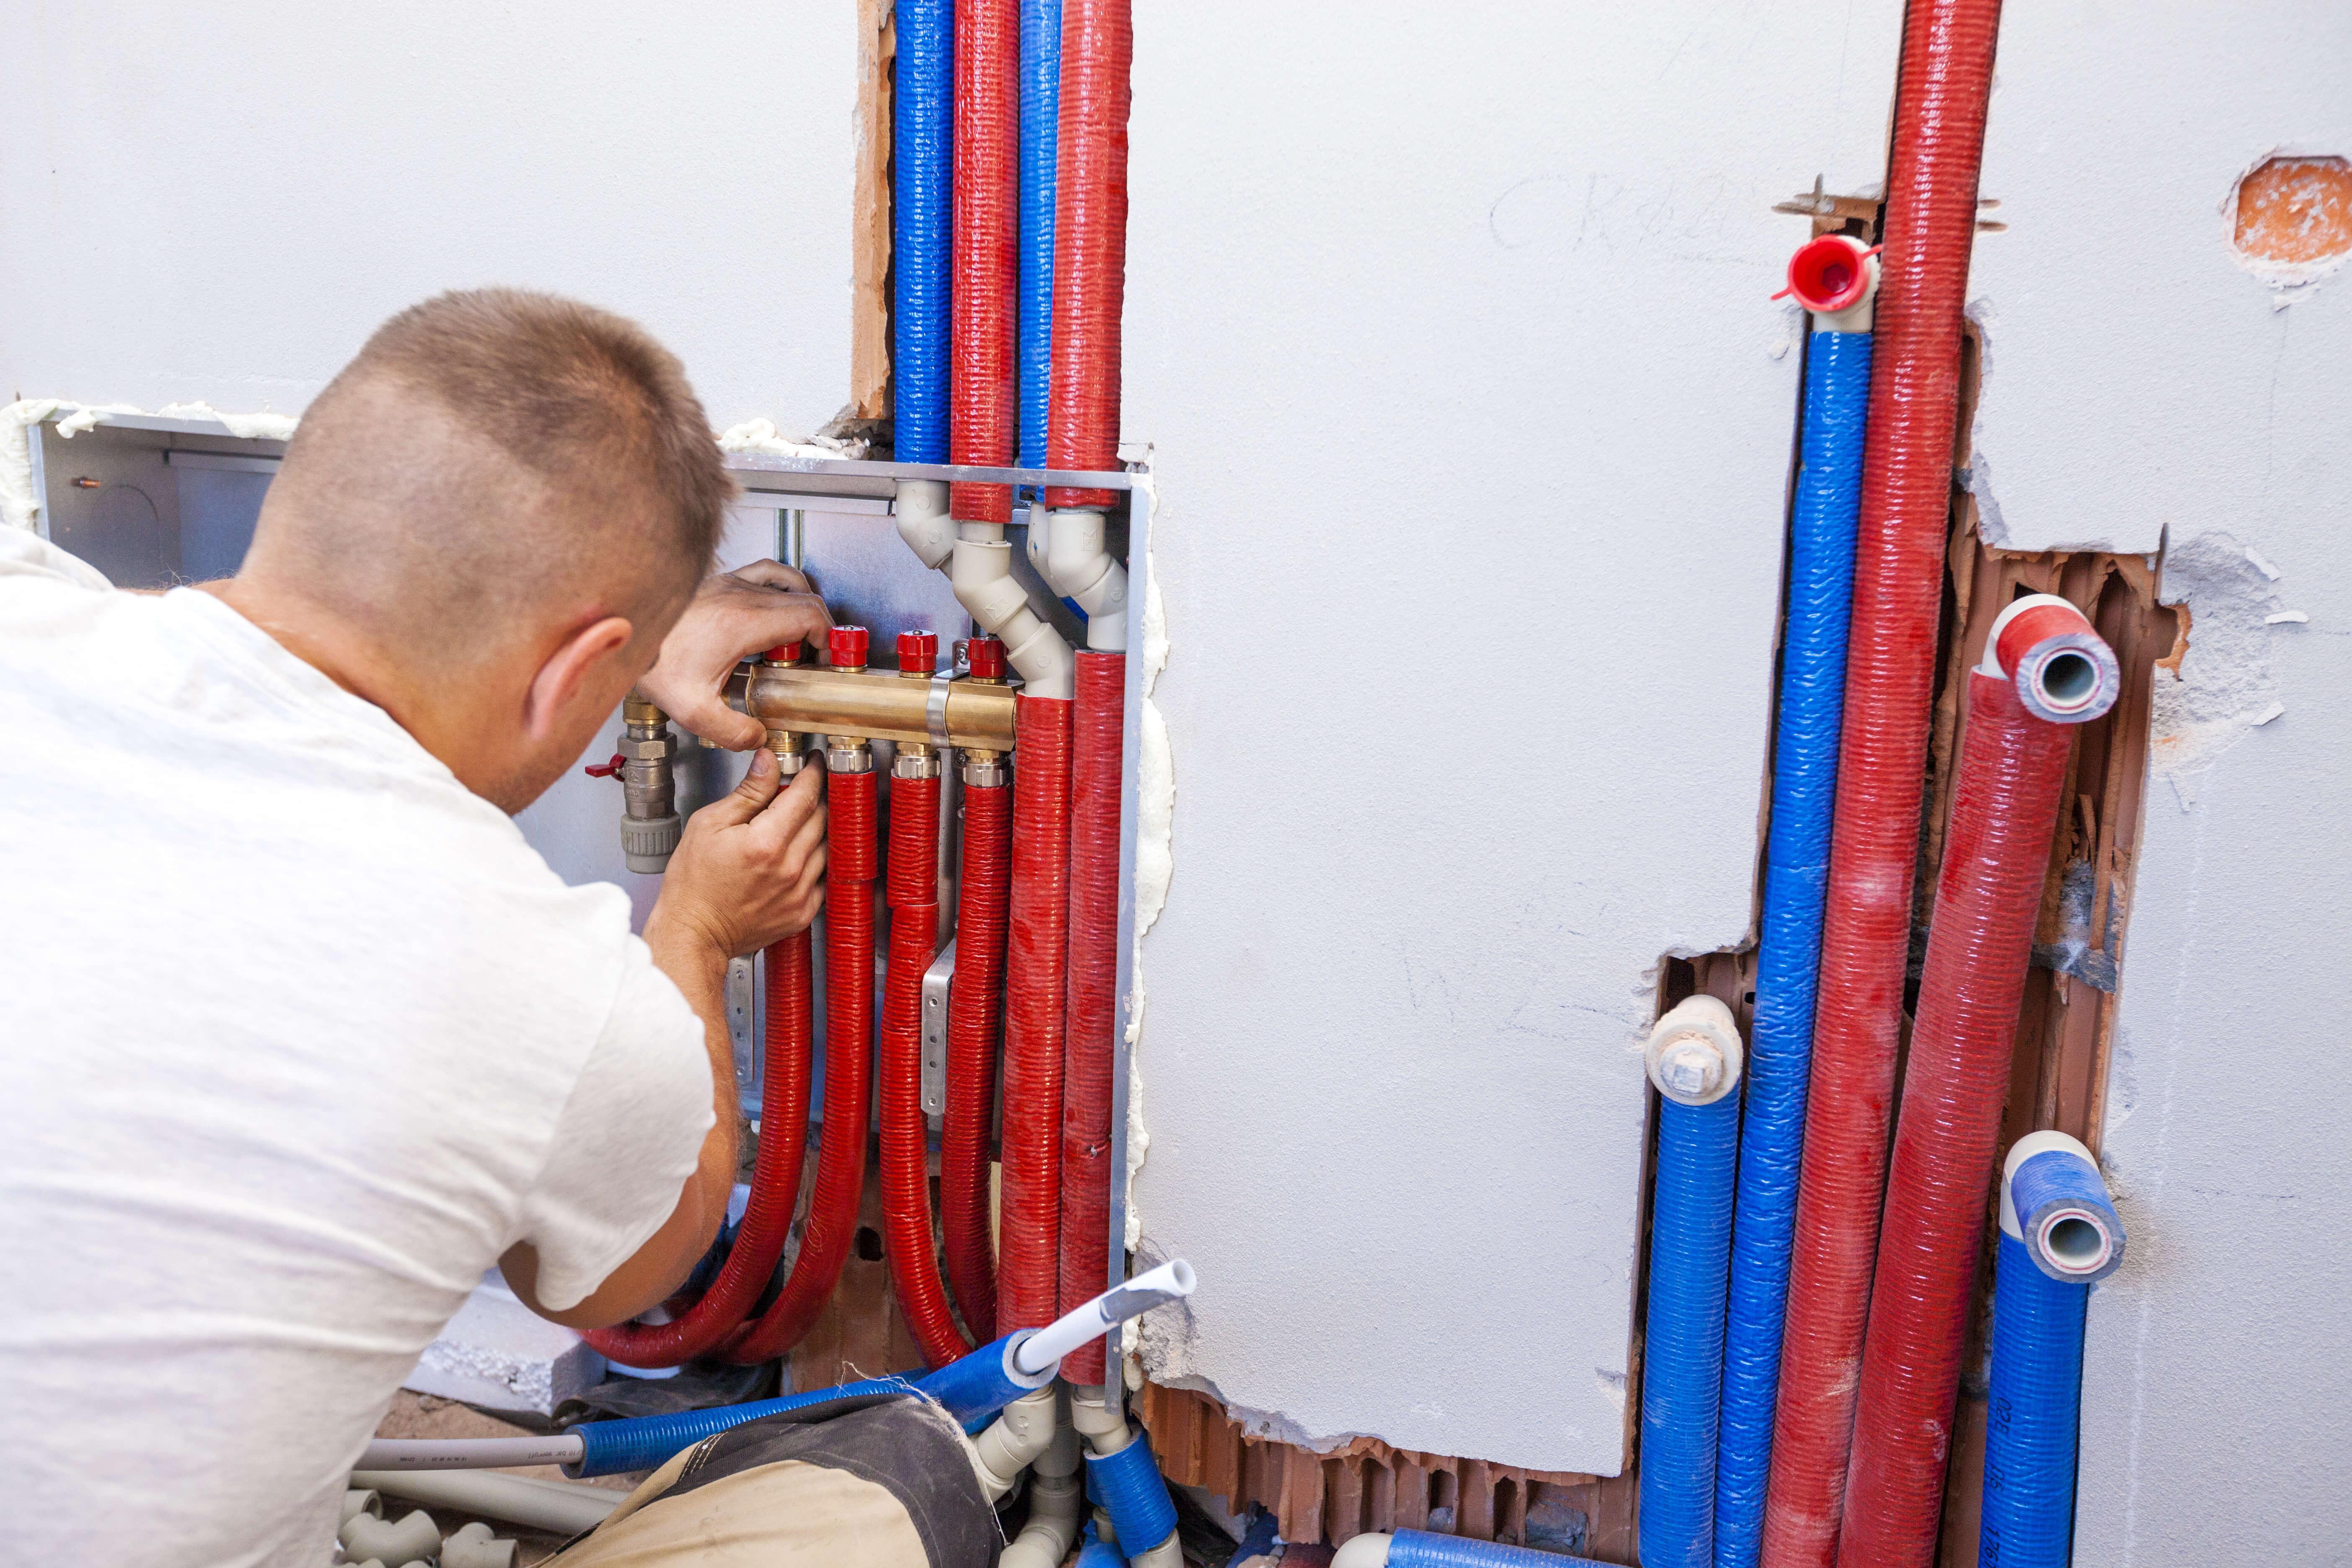 Installateur bei der Montage einer Zentralheizung